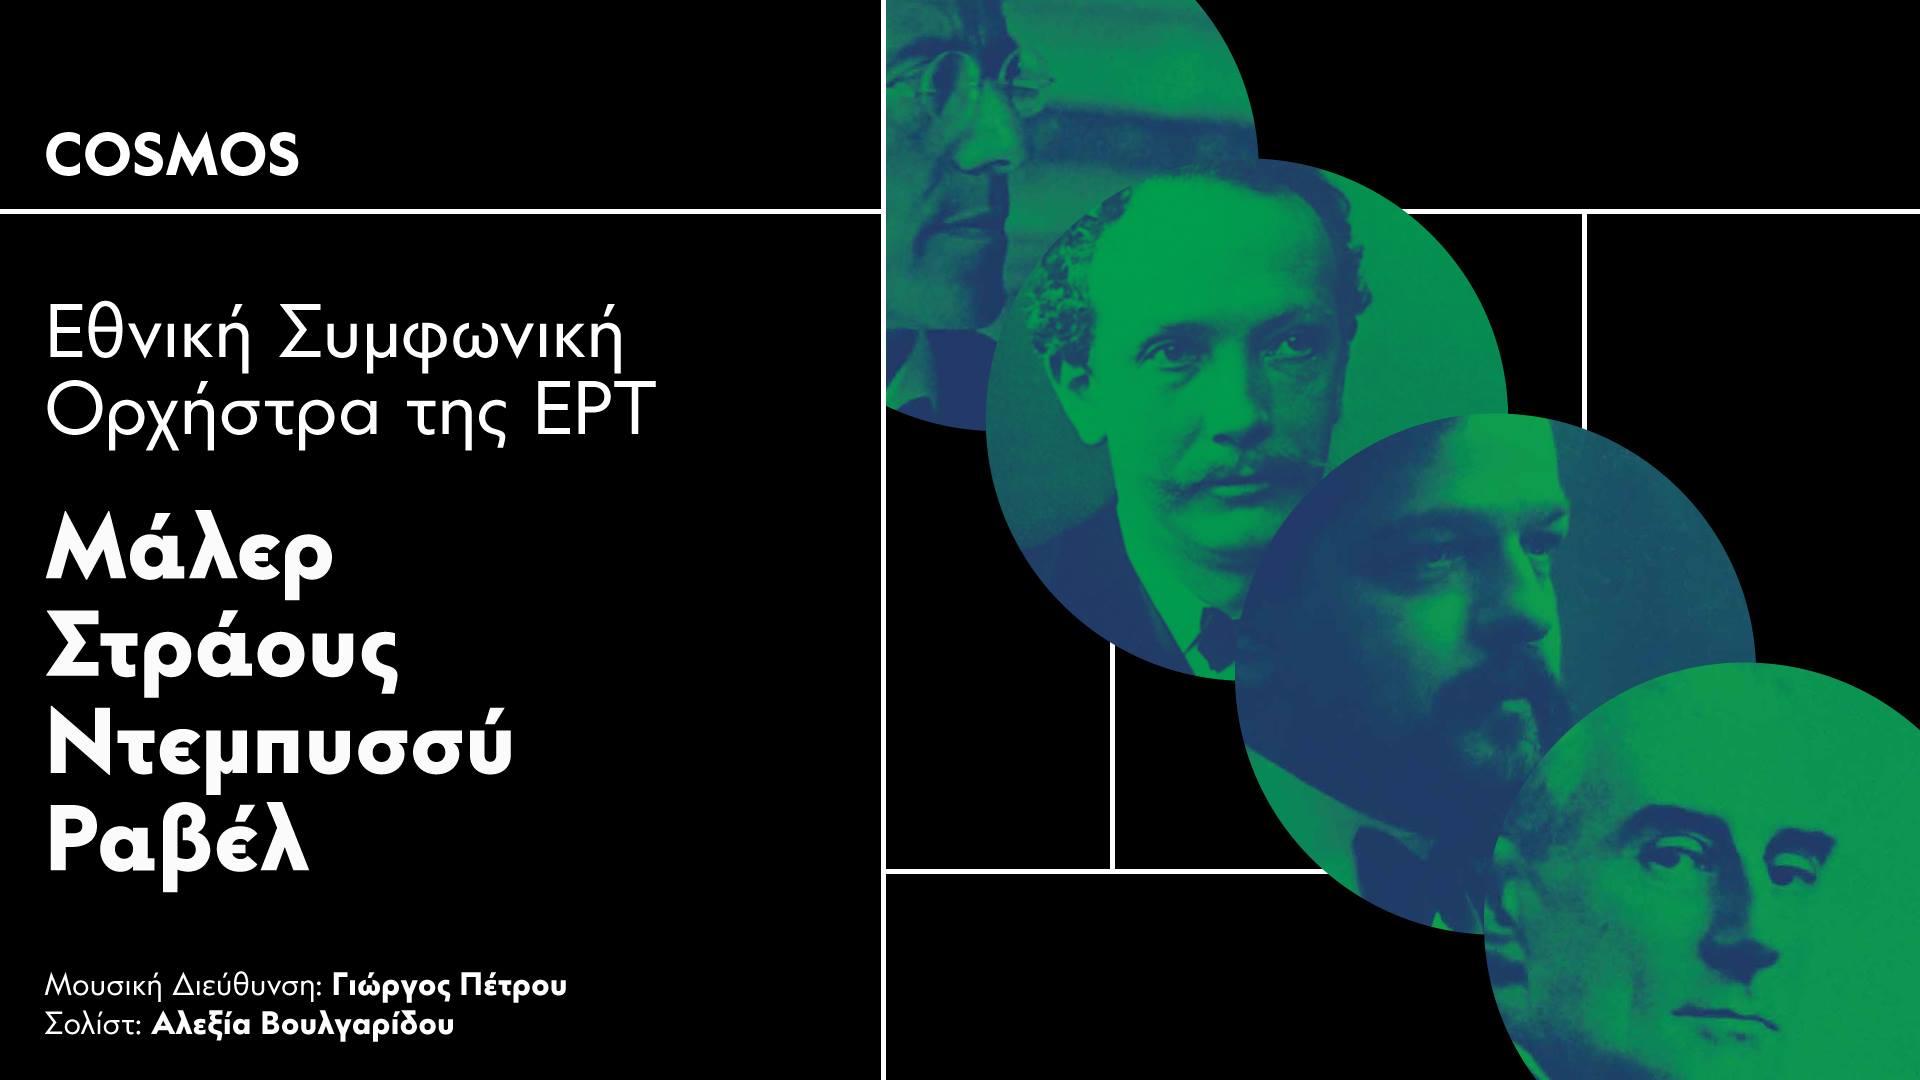 Συναυλία της Εθνικής Συμφωνικής Ορχήστρας της ΕΡΤ